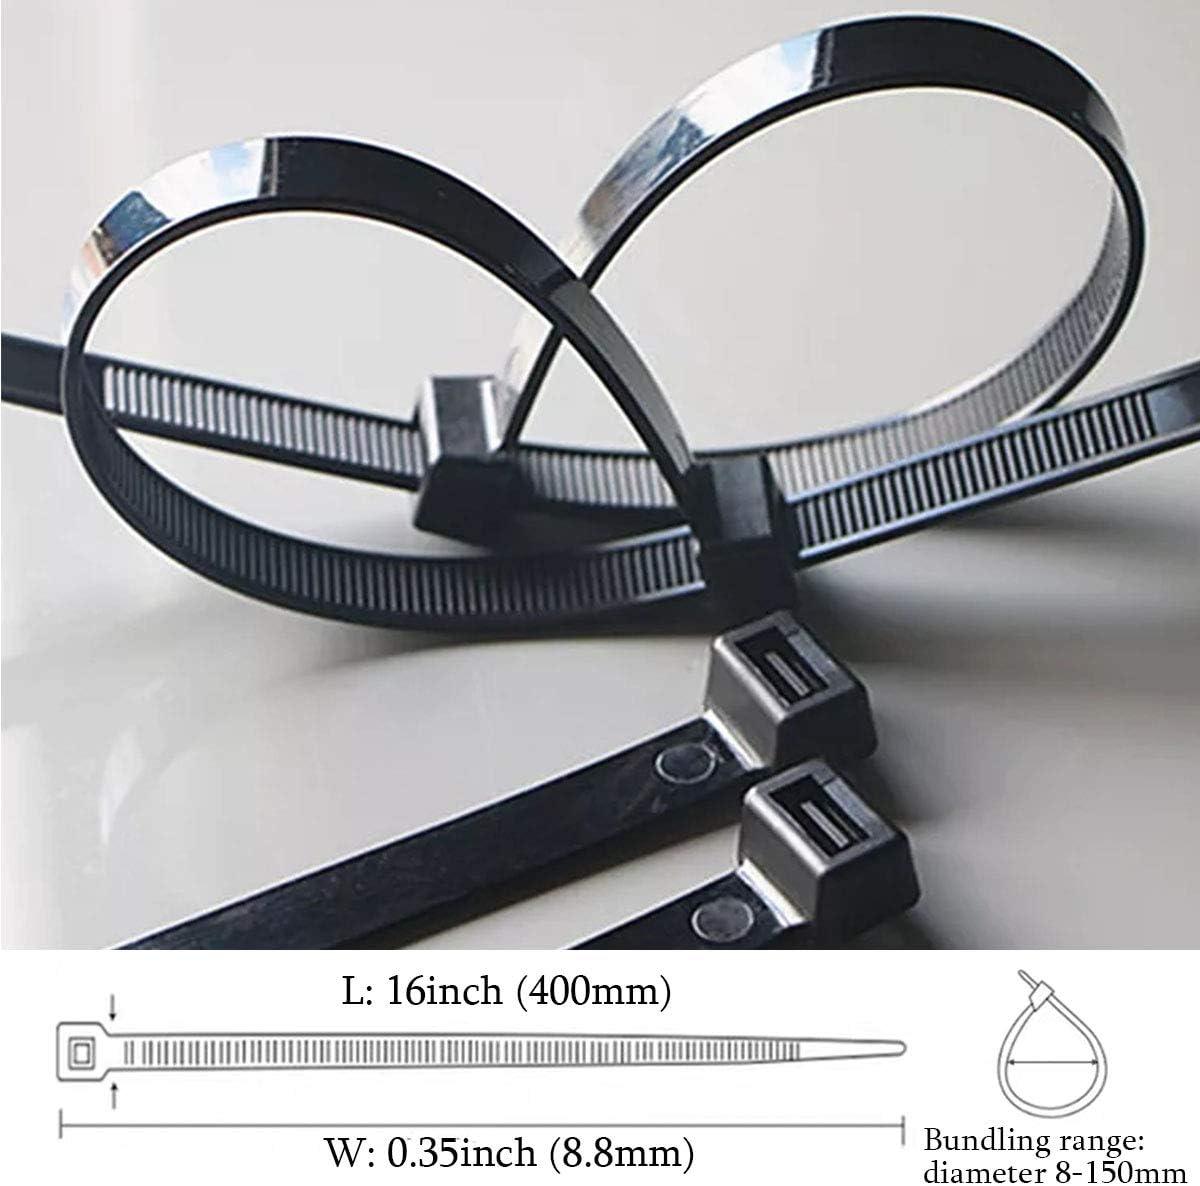 nailon Bridas para cables extra largas 100 unidades color negro bridas para cables cierre autom/ático 400 mm x 4,6 mm